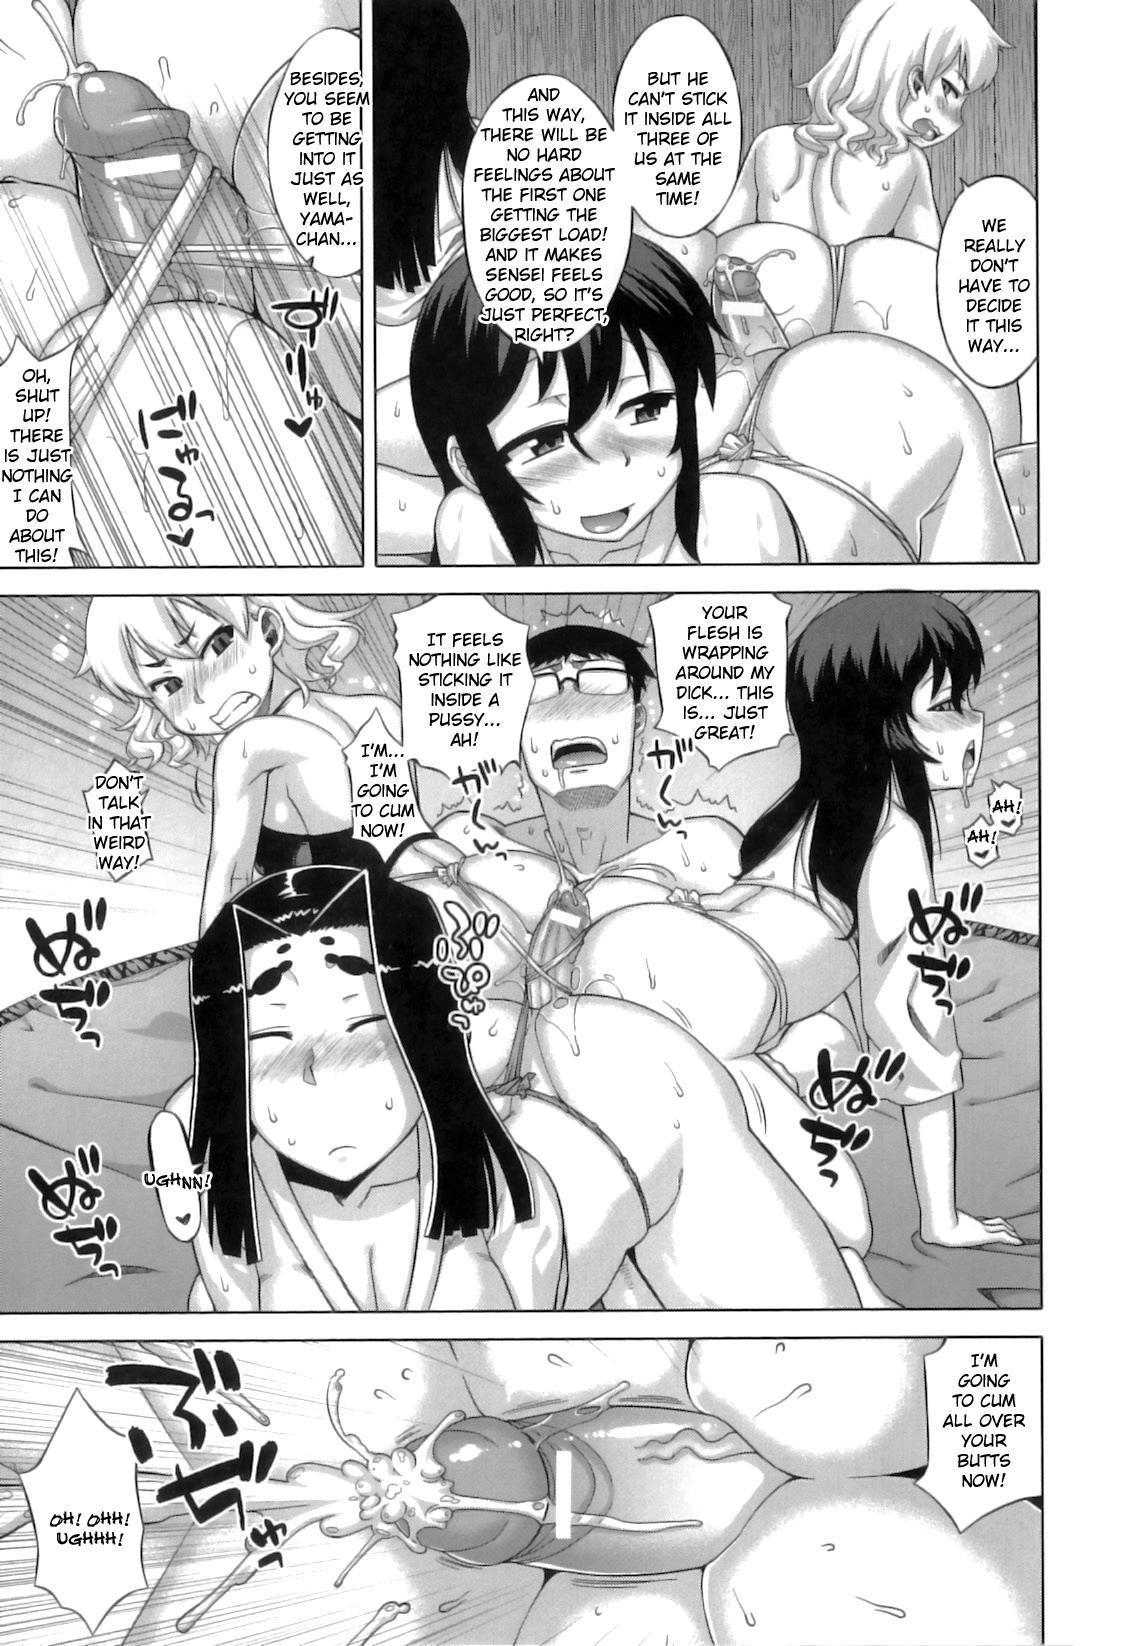 [Takatsu] DH! ~Himorogi Hyaku Yome Gatari~ | Demon-Hentai! - Shrine of One Hundred Wives [English] {doujin-moe.us} 96